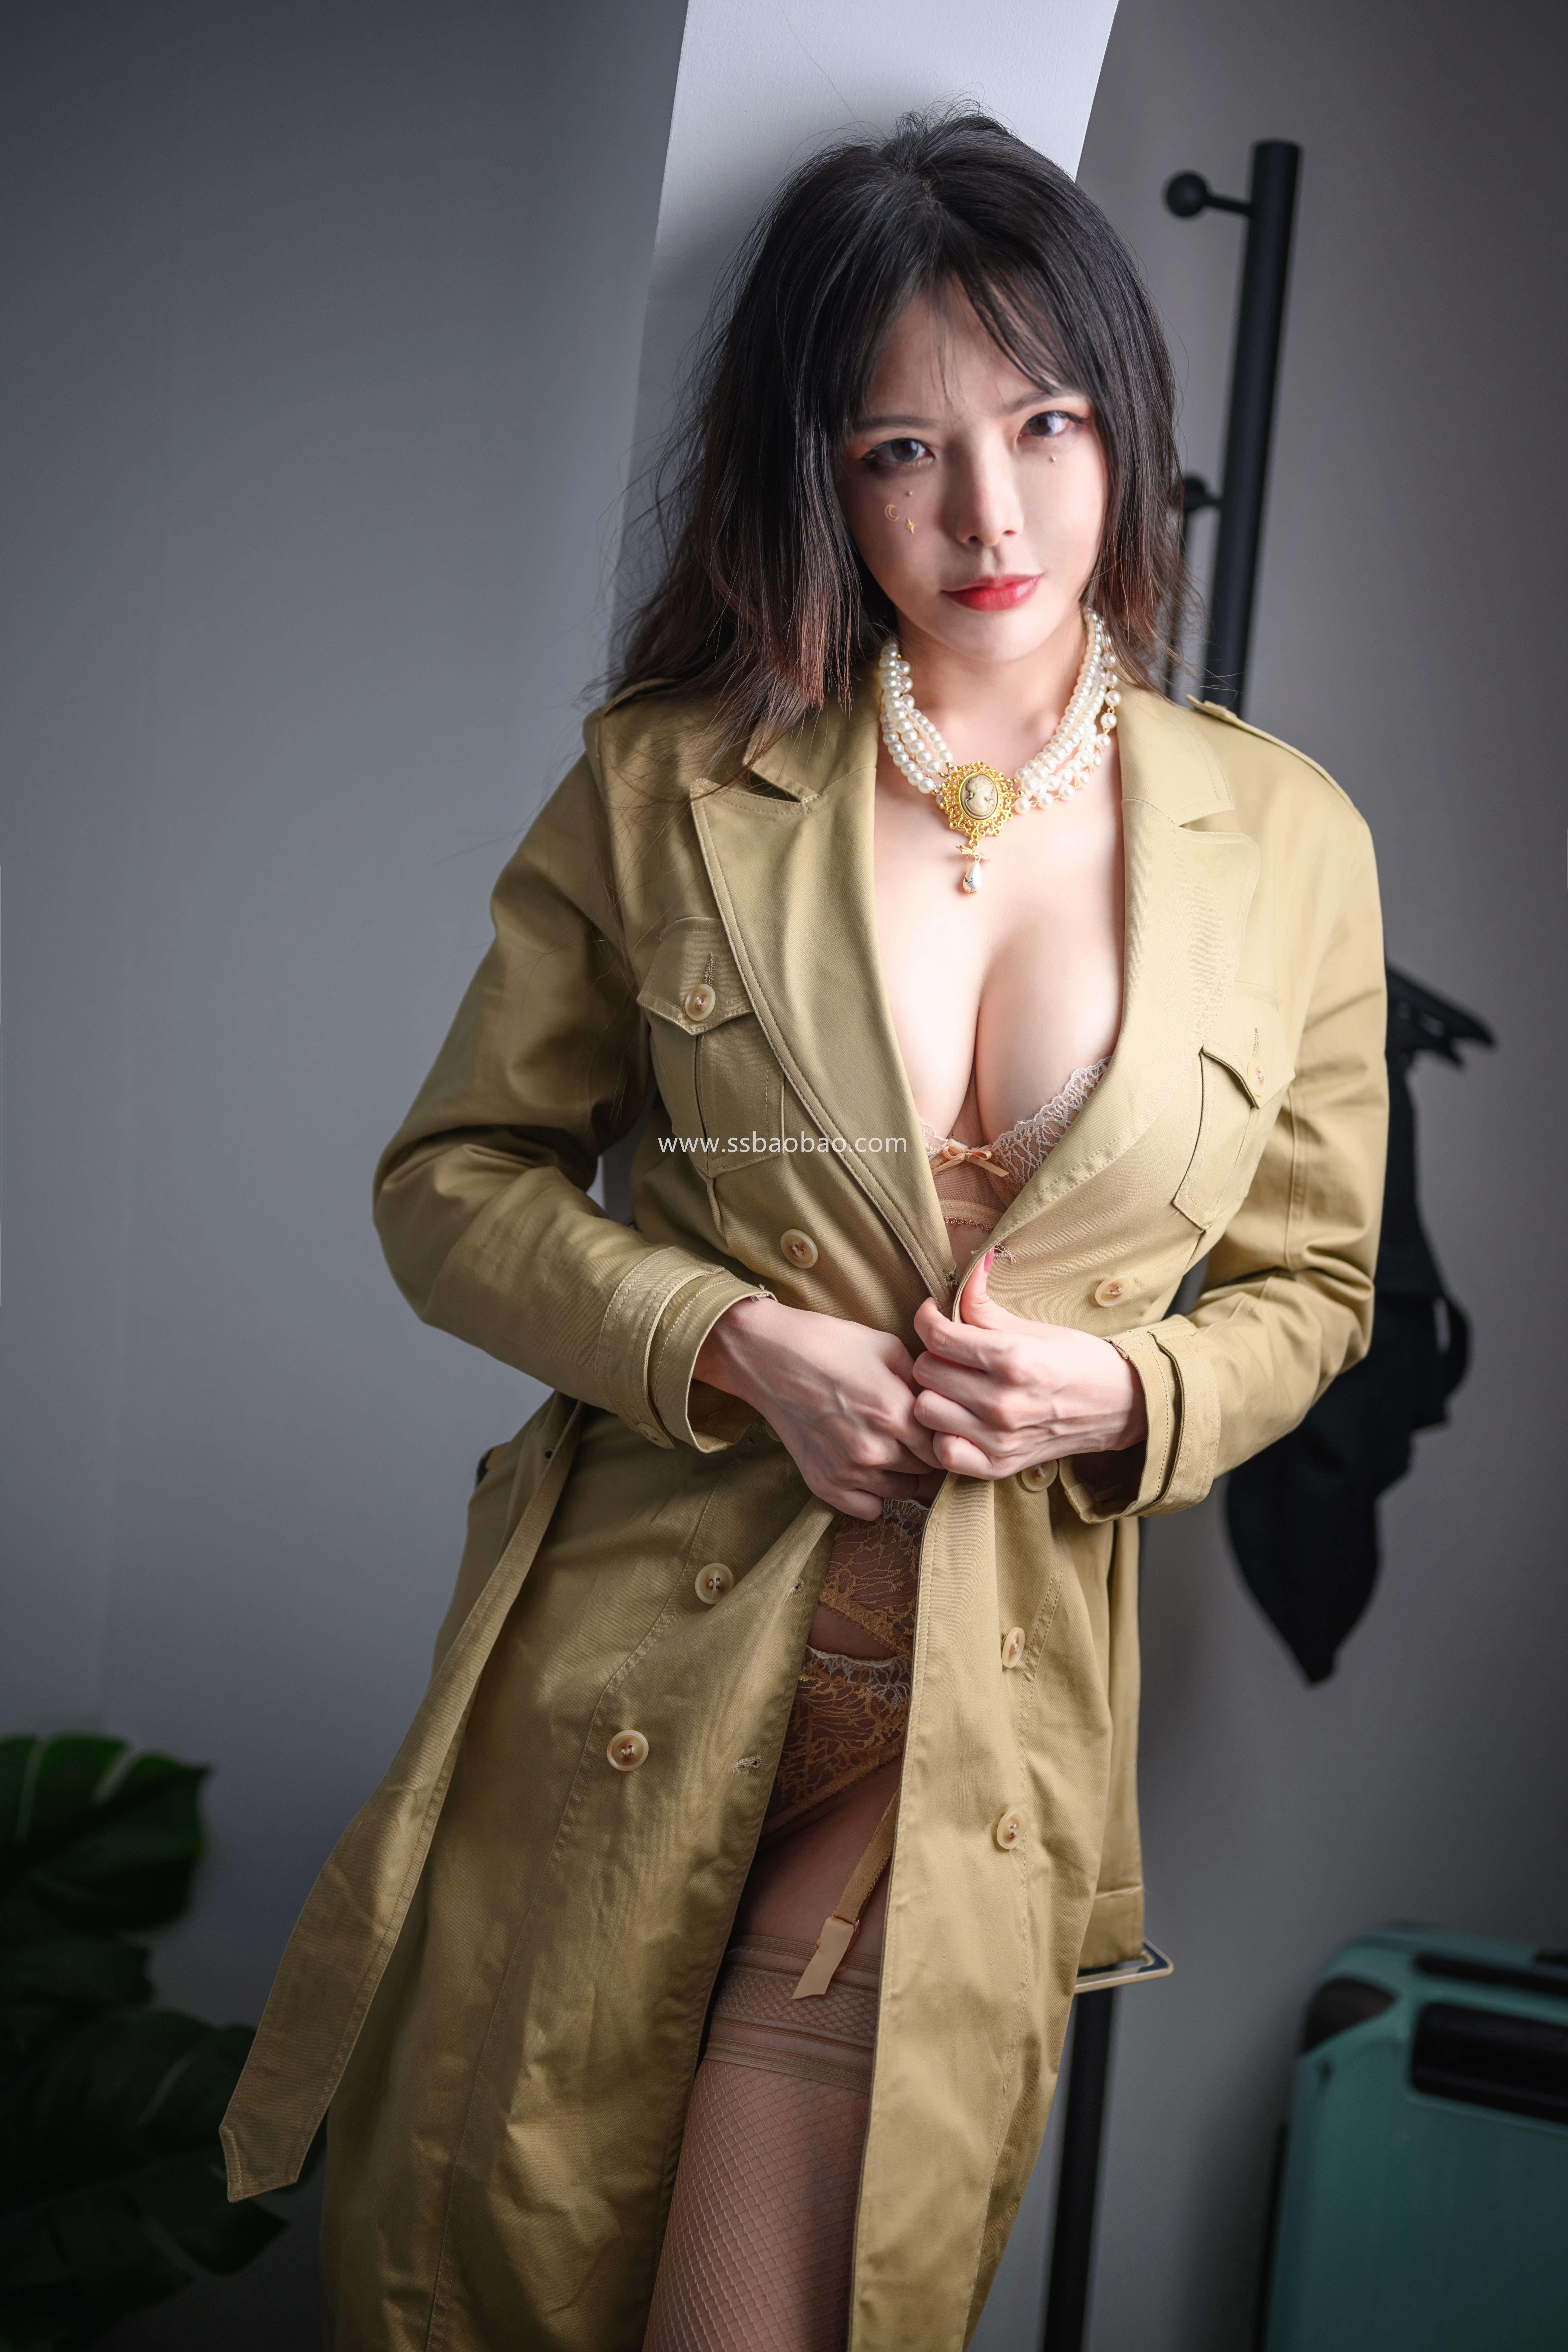 秋和柯基后期作品 H029 裸色蕾丝吊袜带套装[44P1V-1.18GB]05